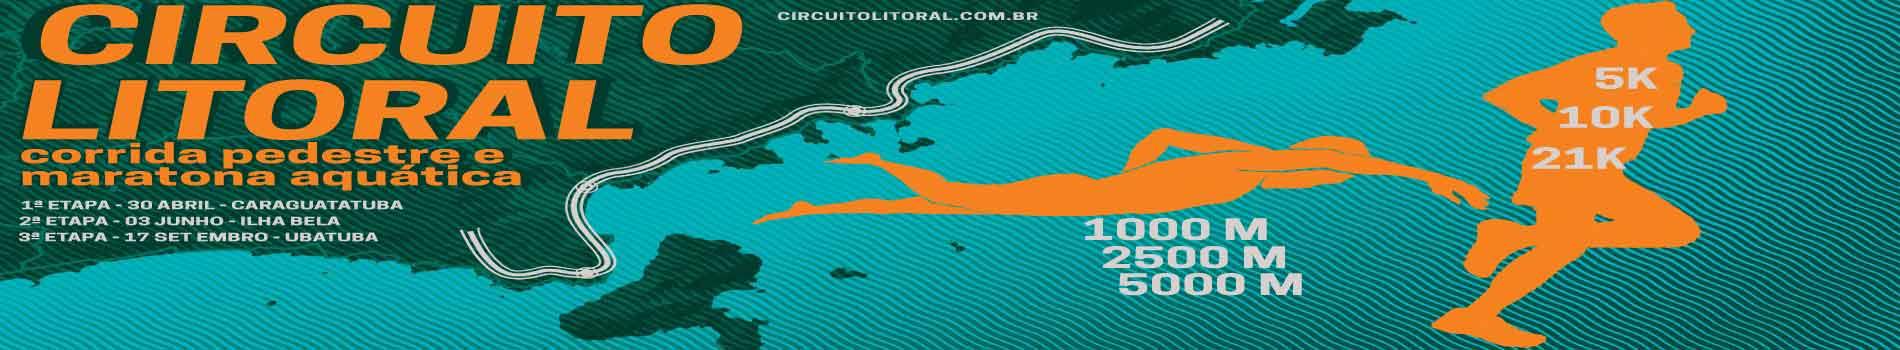 CIRCUITO LITORAL - MARATONAS AQUÁTICAS E CORRIDA PEDESTRE - Imagem de topo